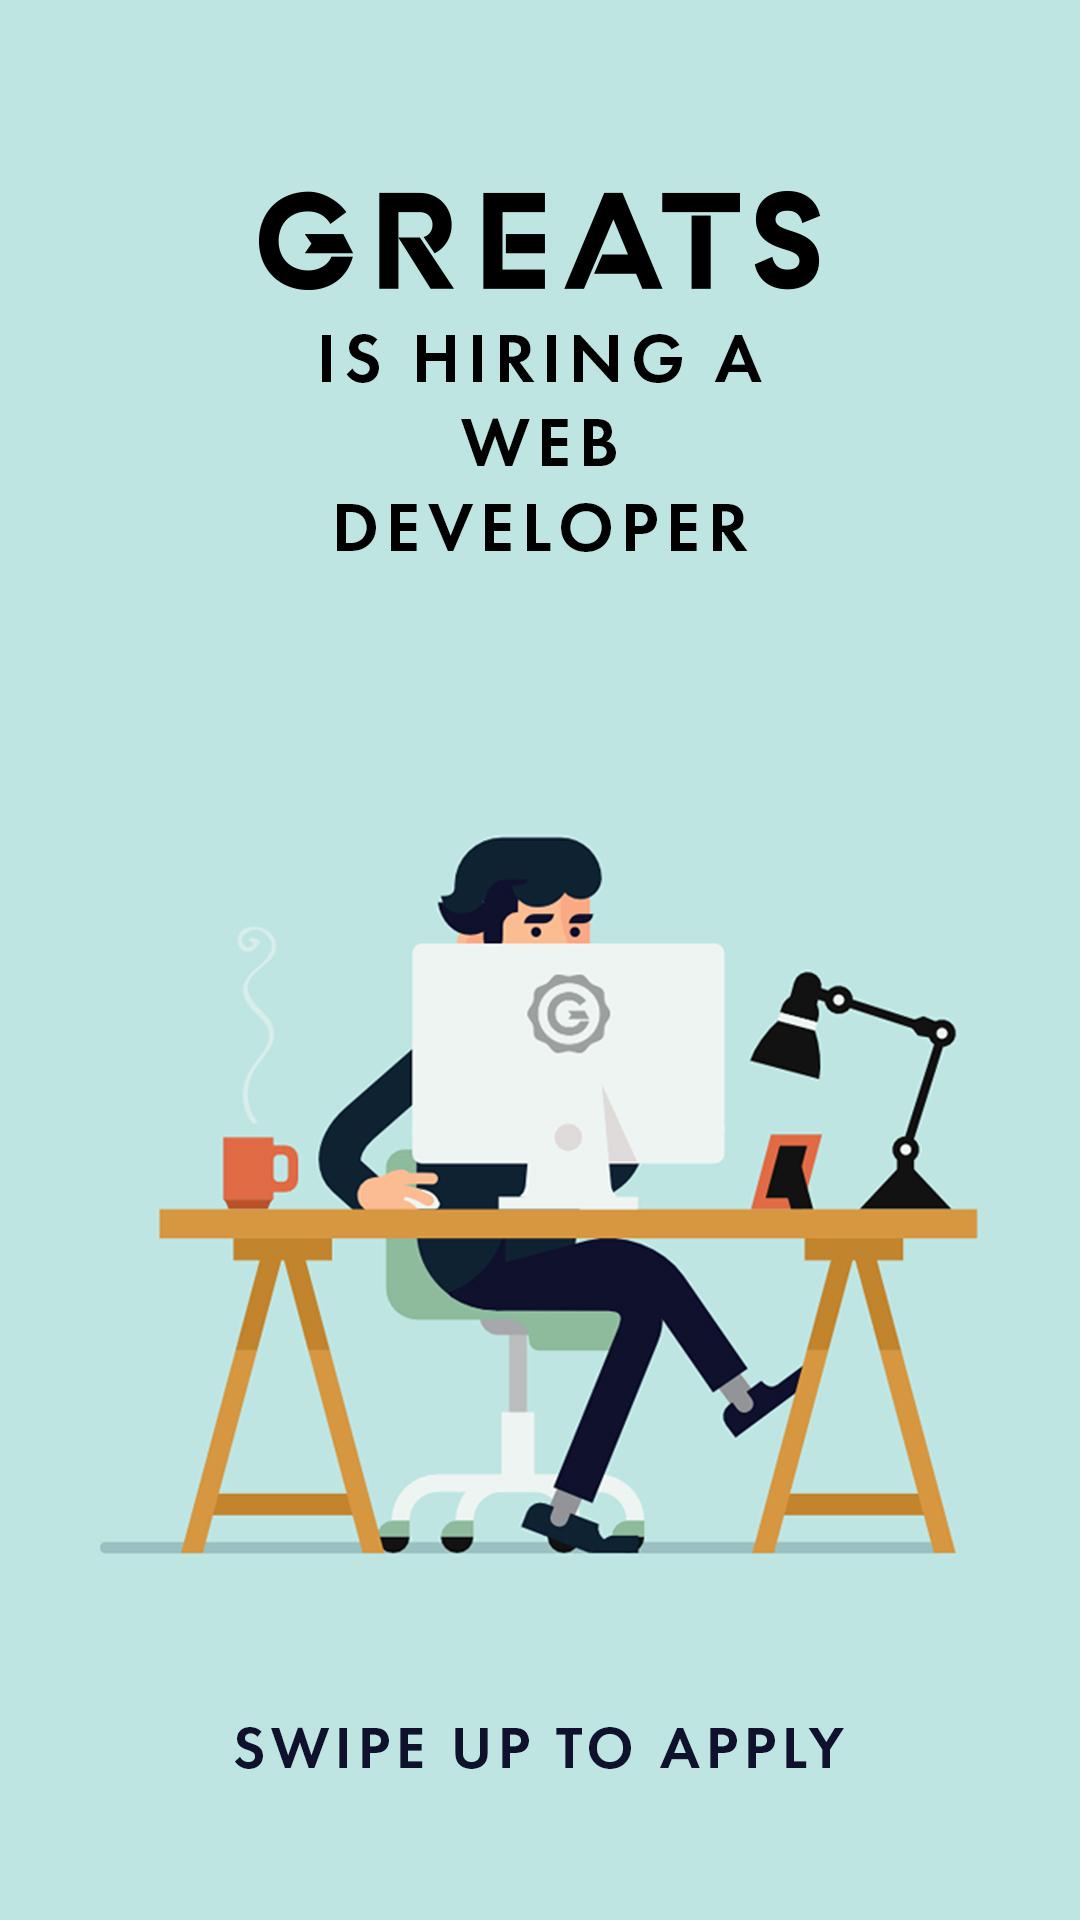 webdeveloper01.jpg